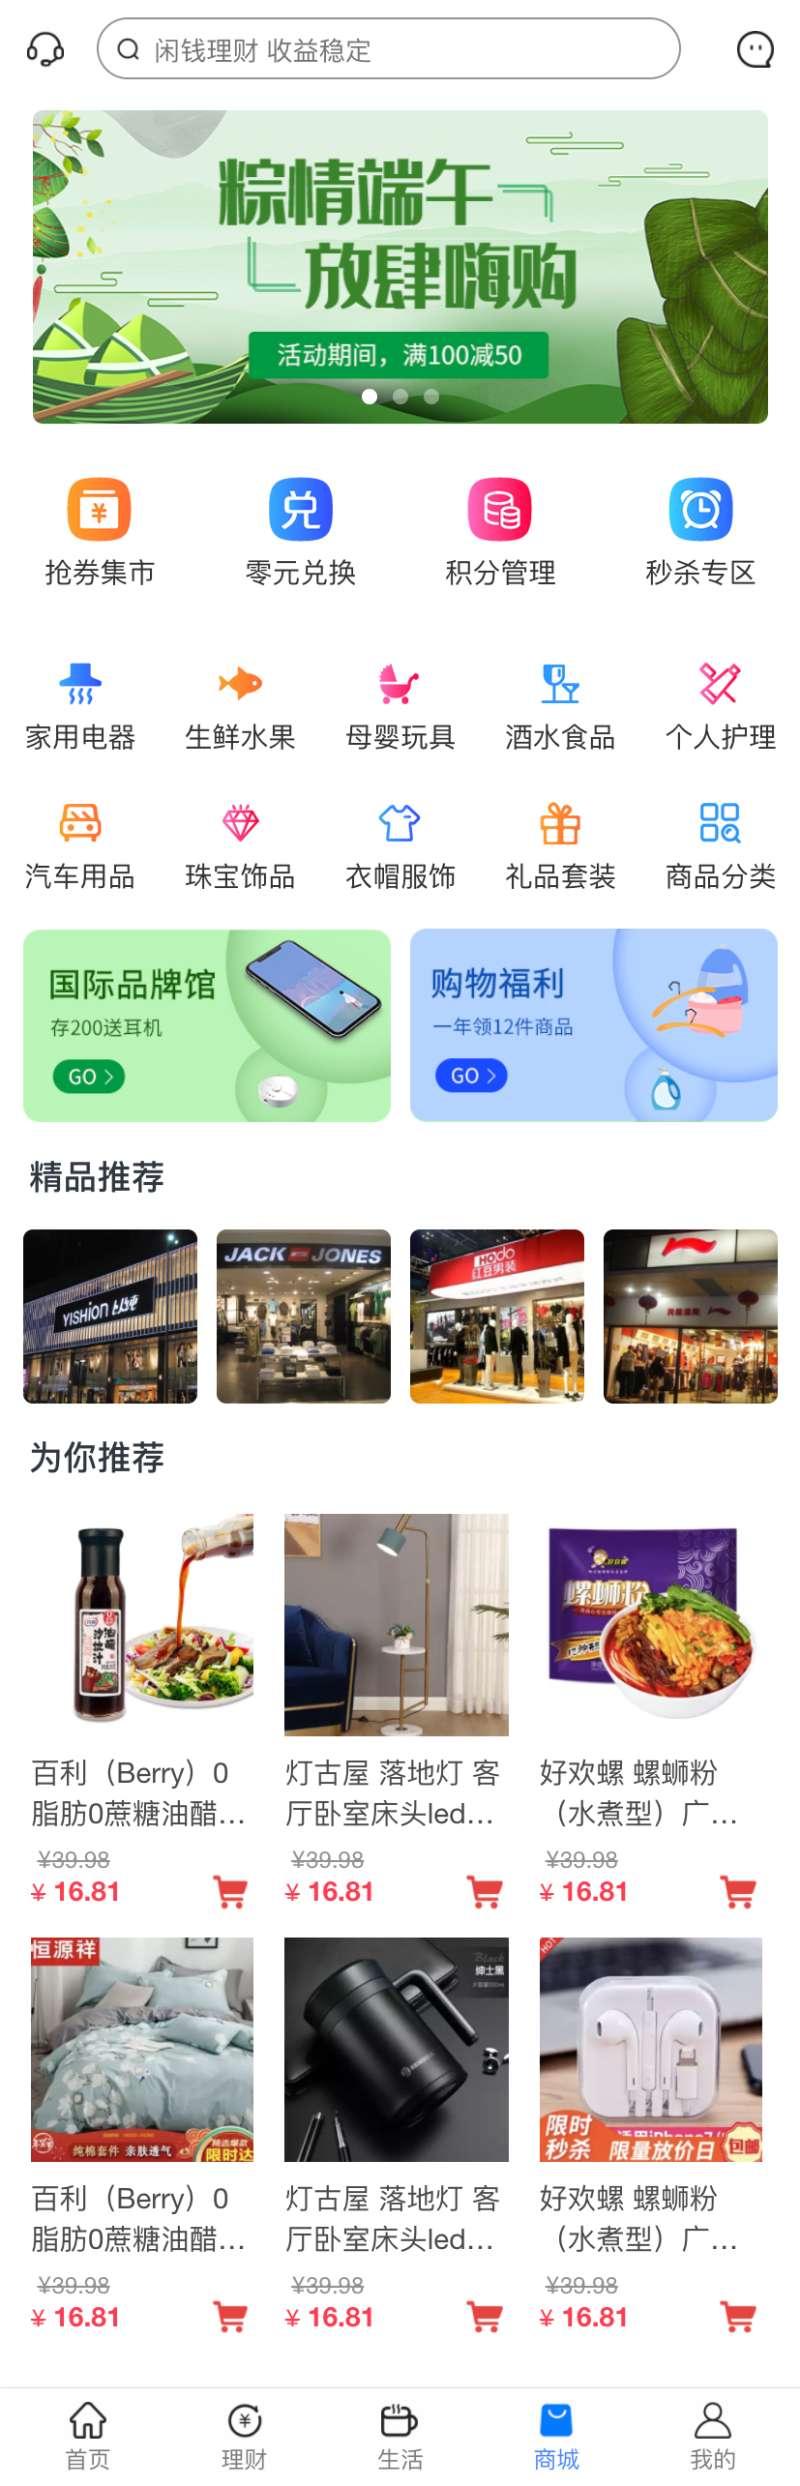 手机端生活类商城首页模板插图